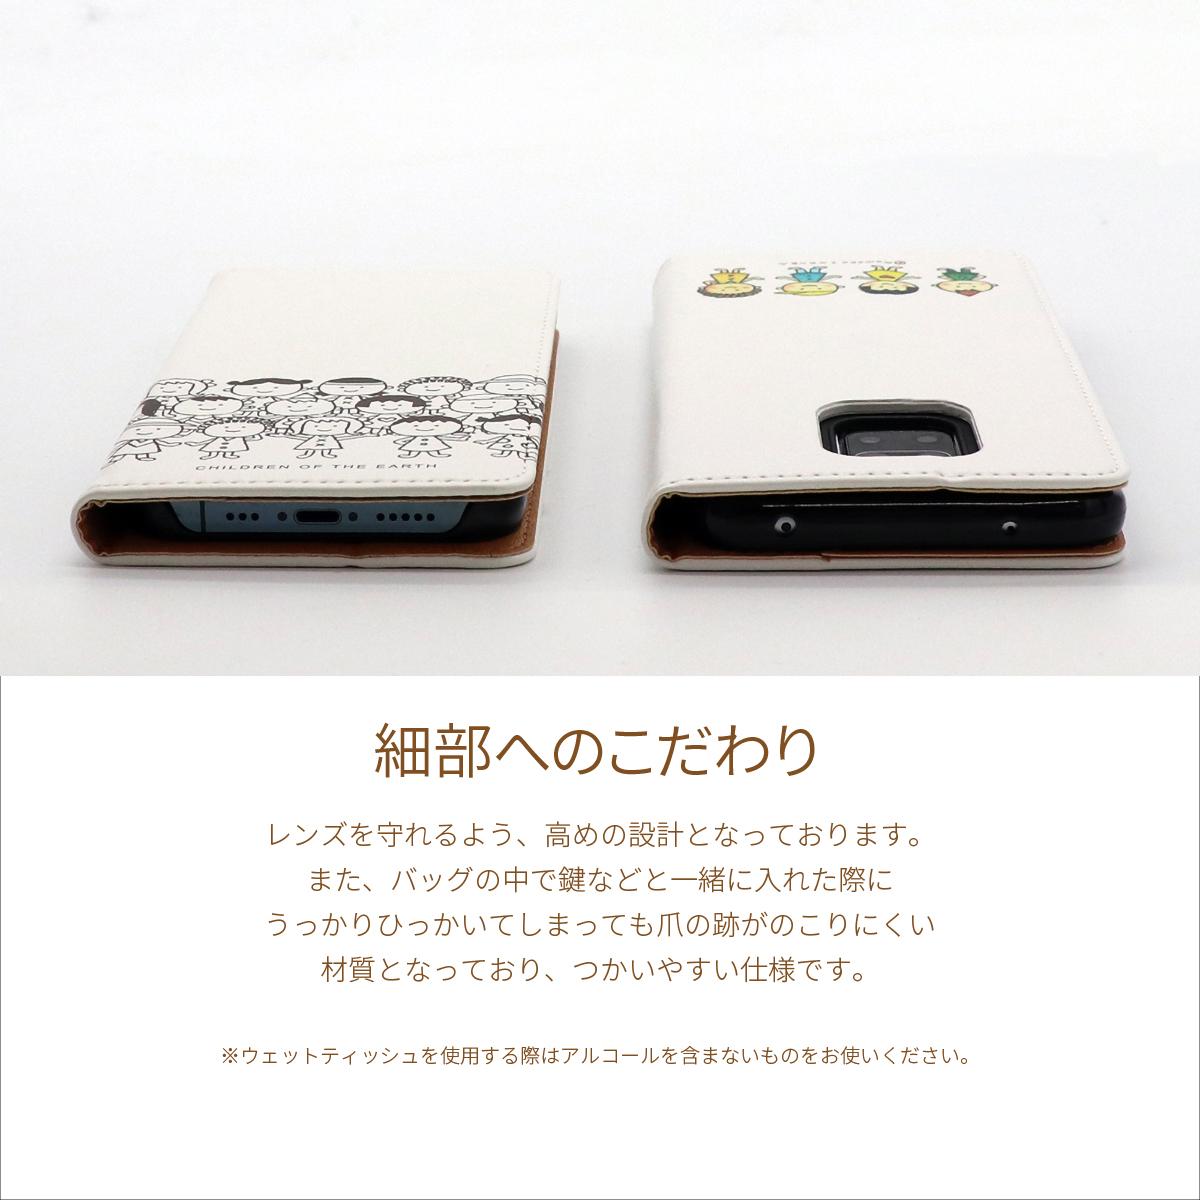 さくらももこ 地球の子供たち Xperia ケース Xperia Ace XZ3 Premium XZ2 Compact XZ2 XZ1 Compact XZ1 XZ PreX Compact X Performance Z5 Pre Z5 XZ XZs 手帳型 カバー 財布型 手帳型ケース 左 手帳型カバー カード収納 パス入れ ブック型カバー ベルト無し カード収納